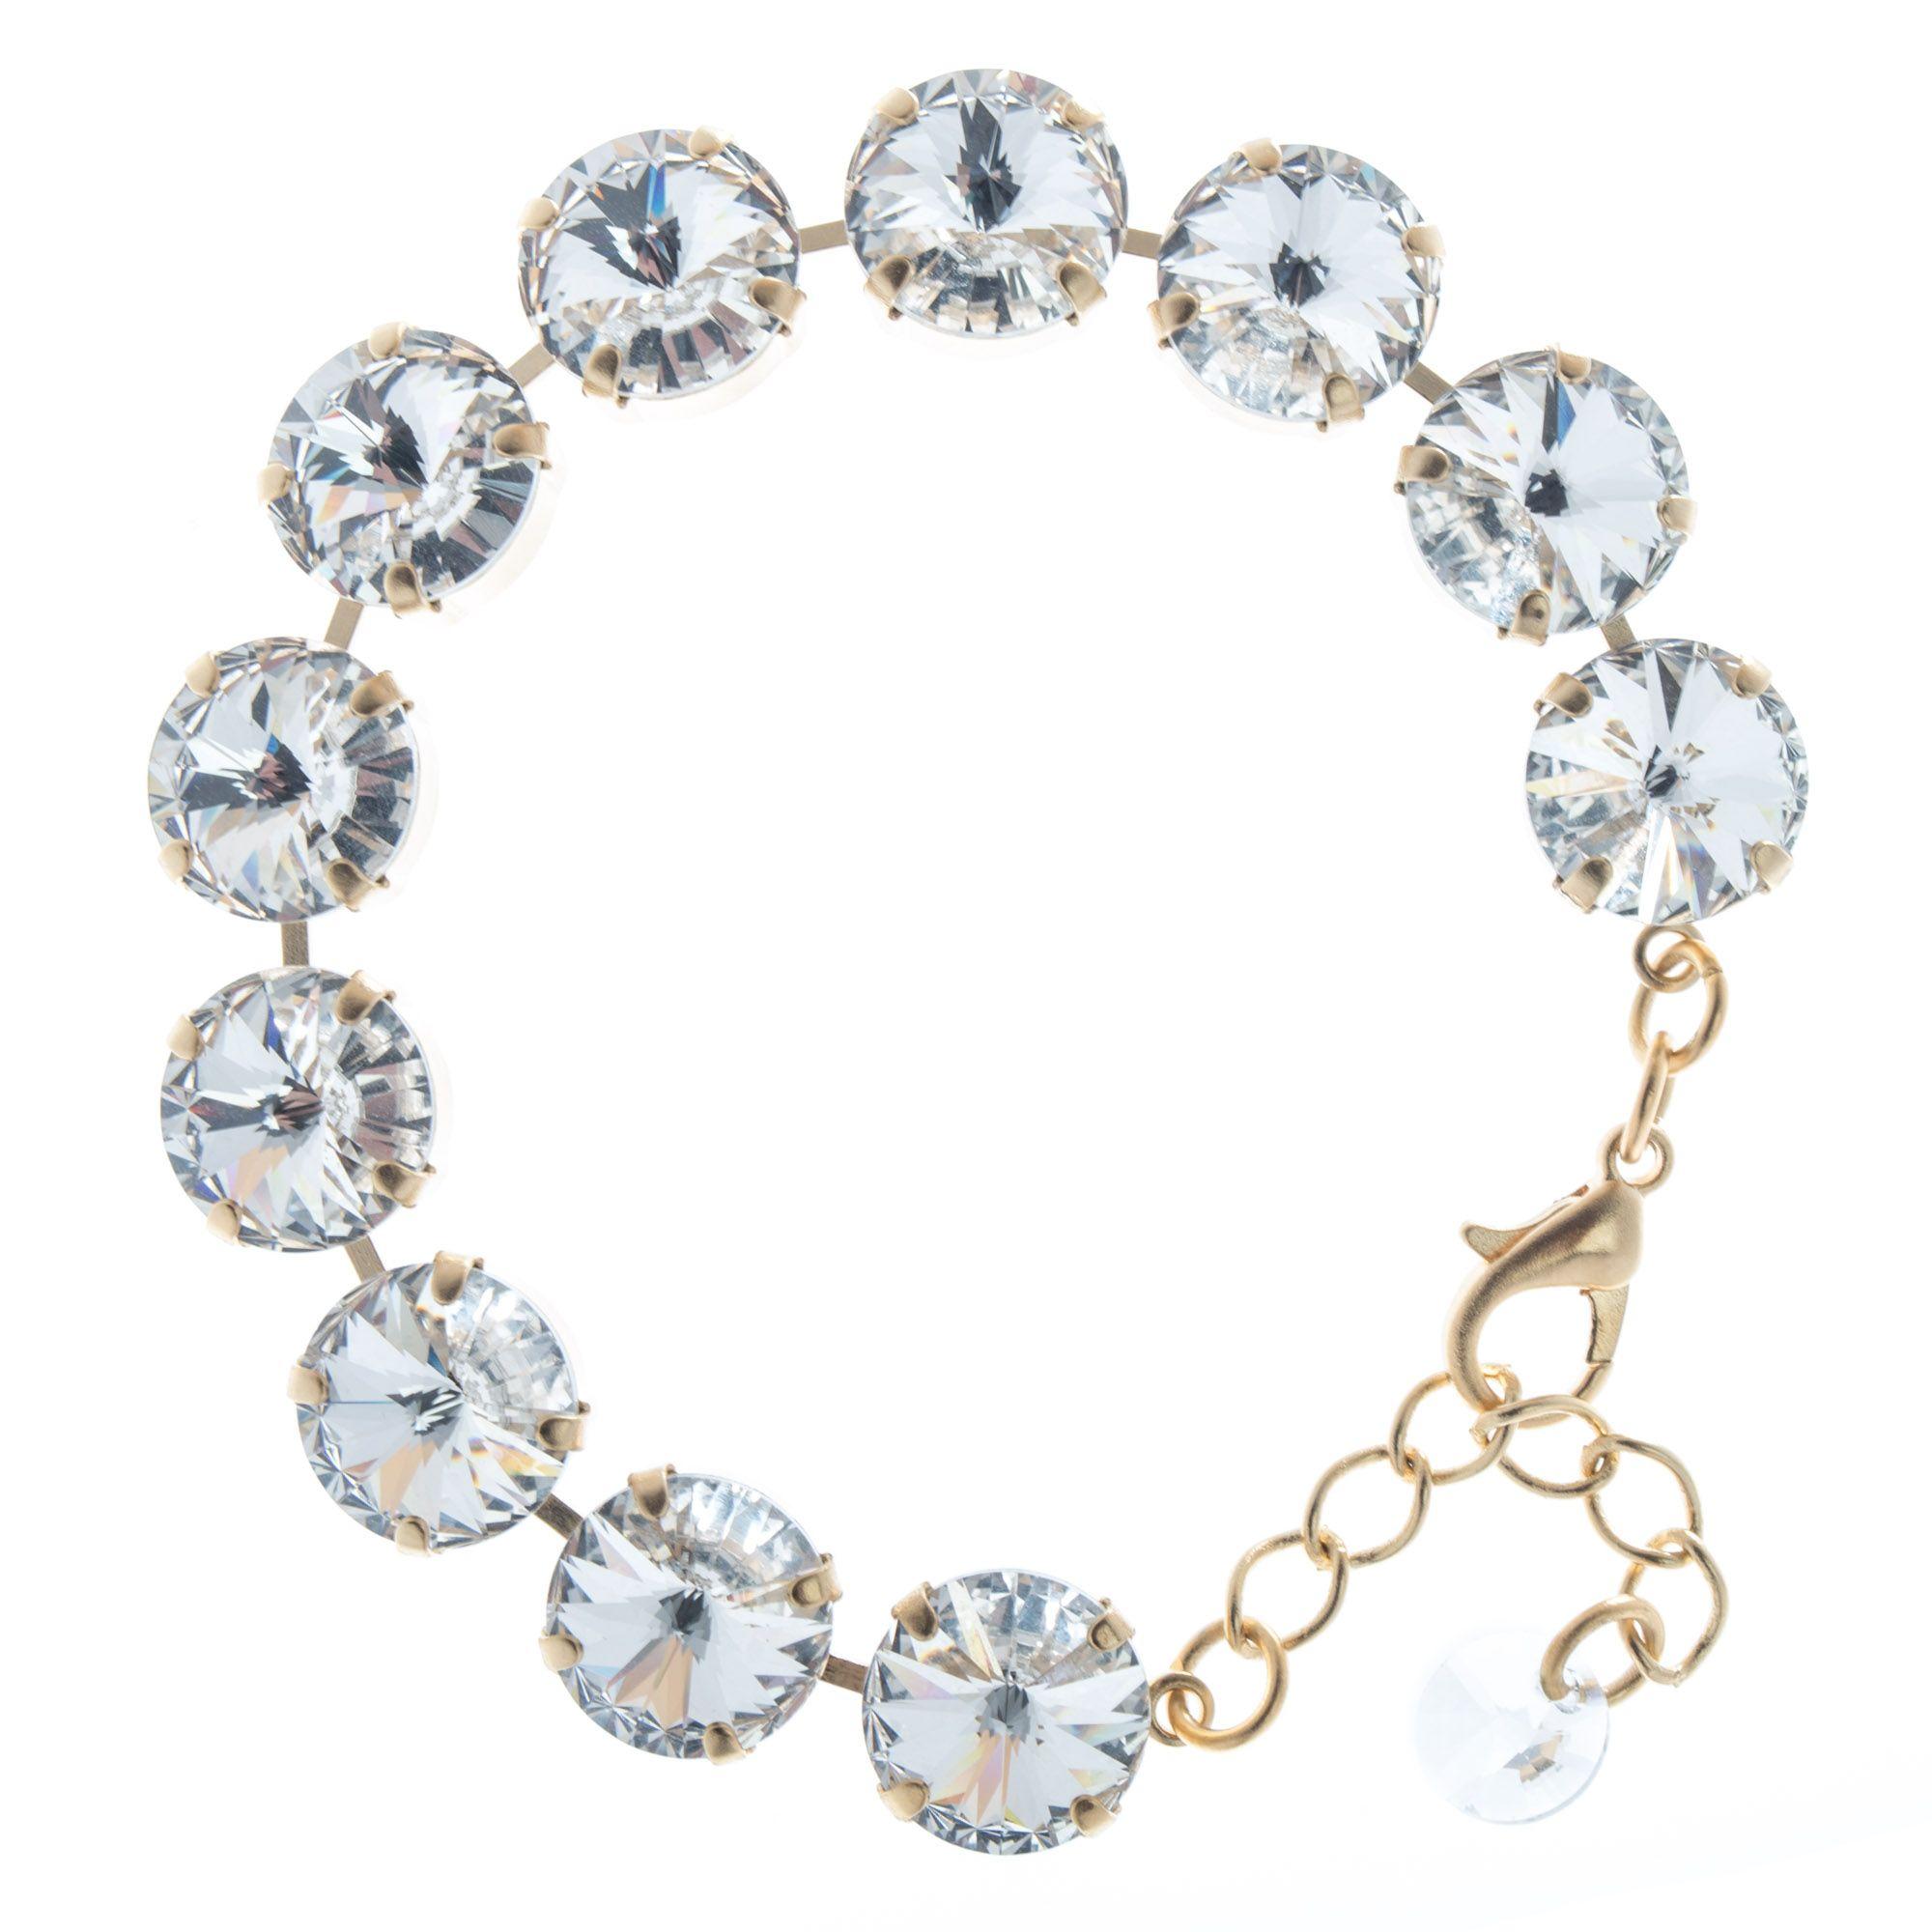 903ba966c4 Lisa Marie Jewelry 12mm Rivoli Swarovski Crystal Bracelet - Clear